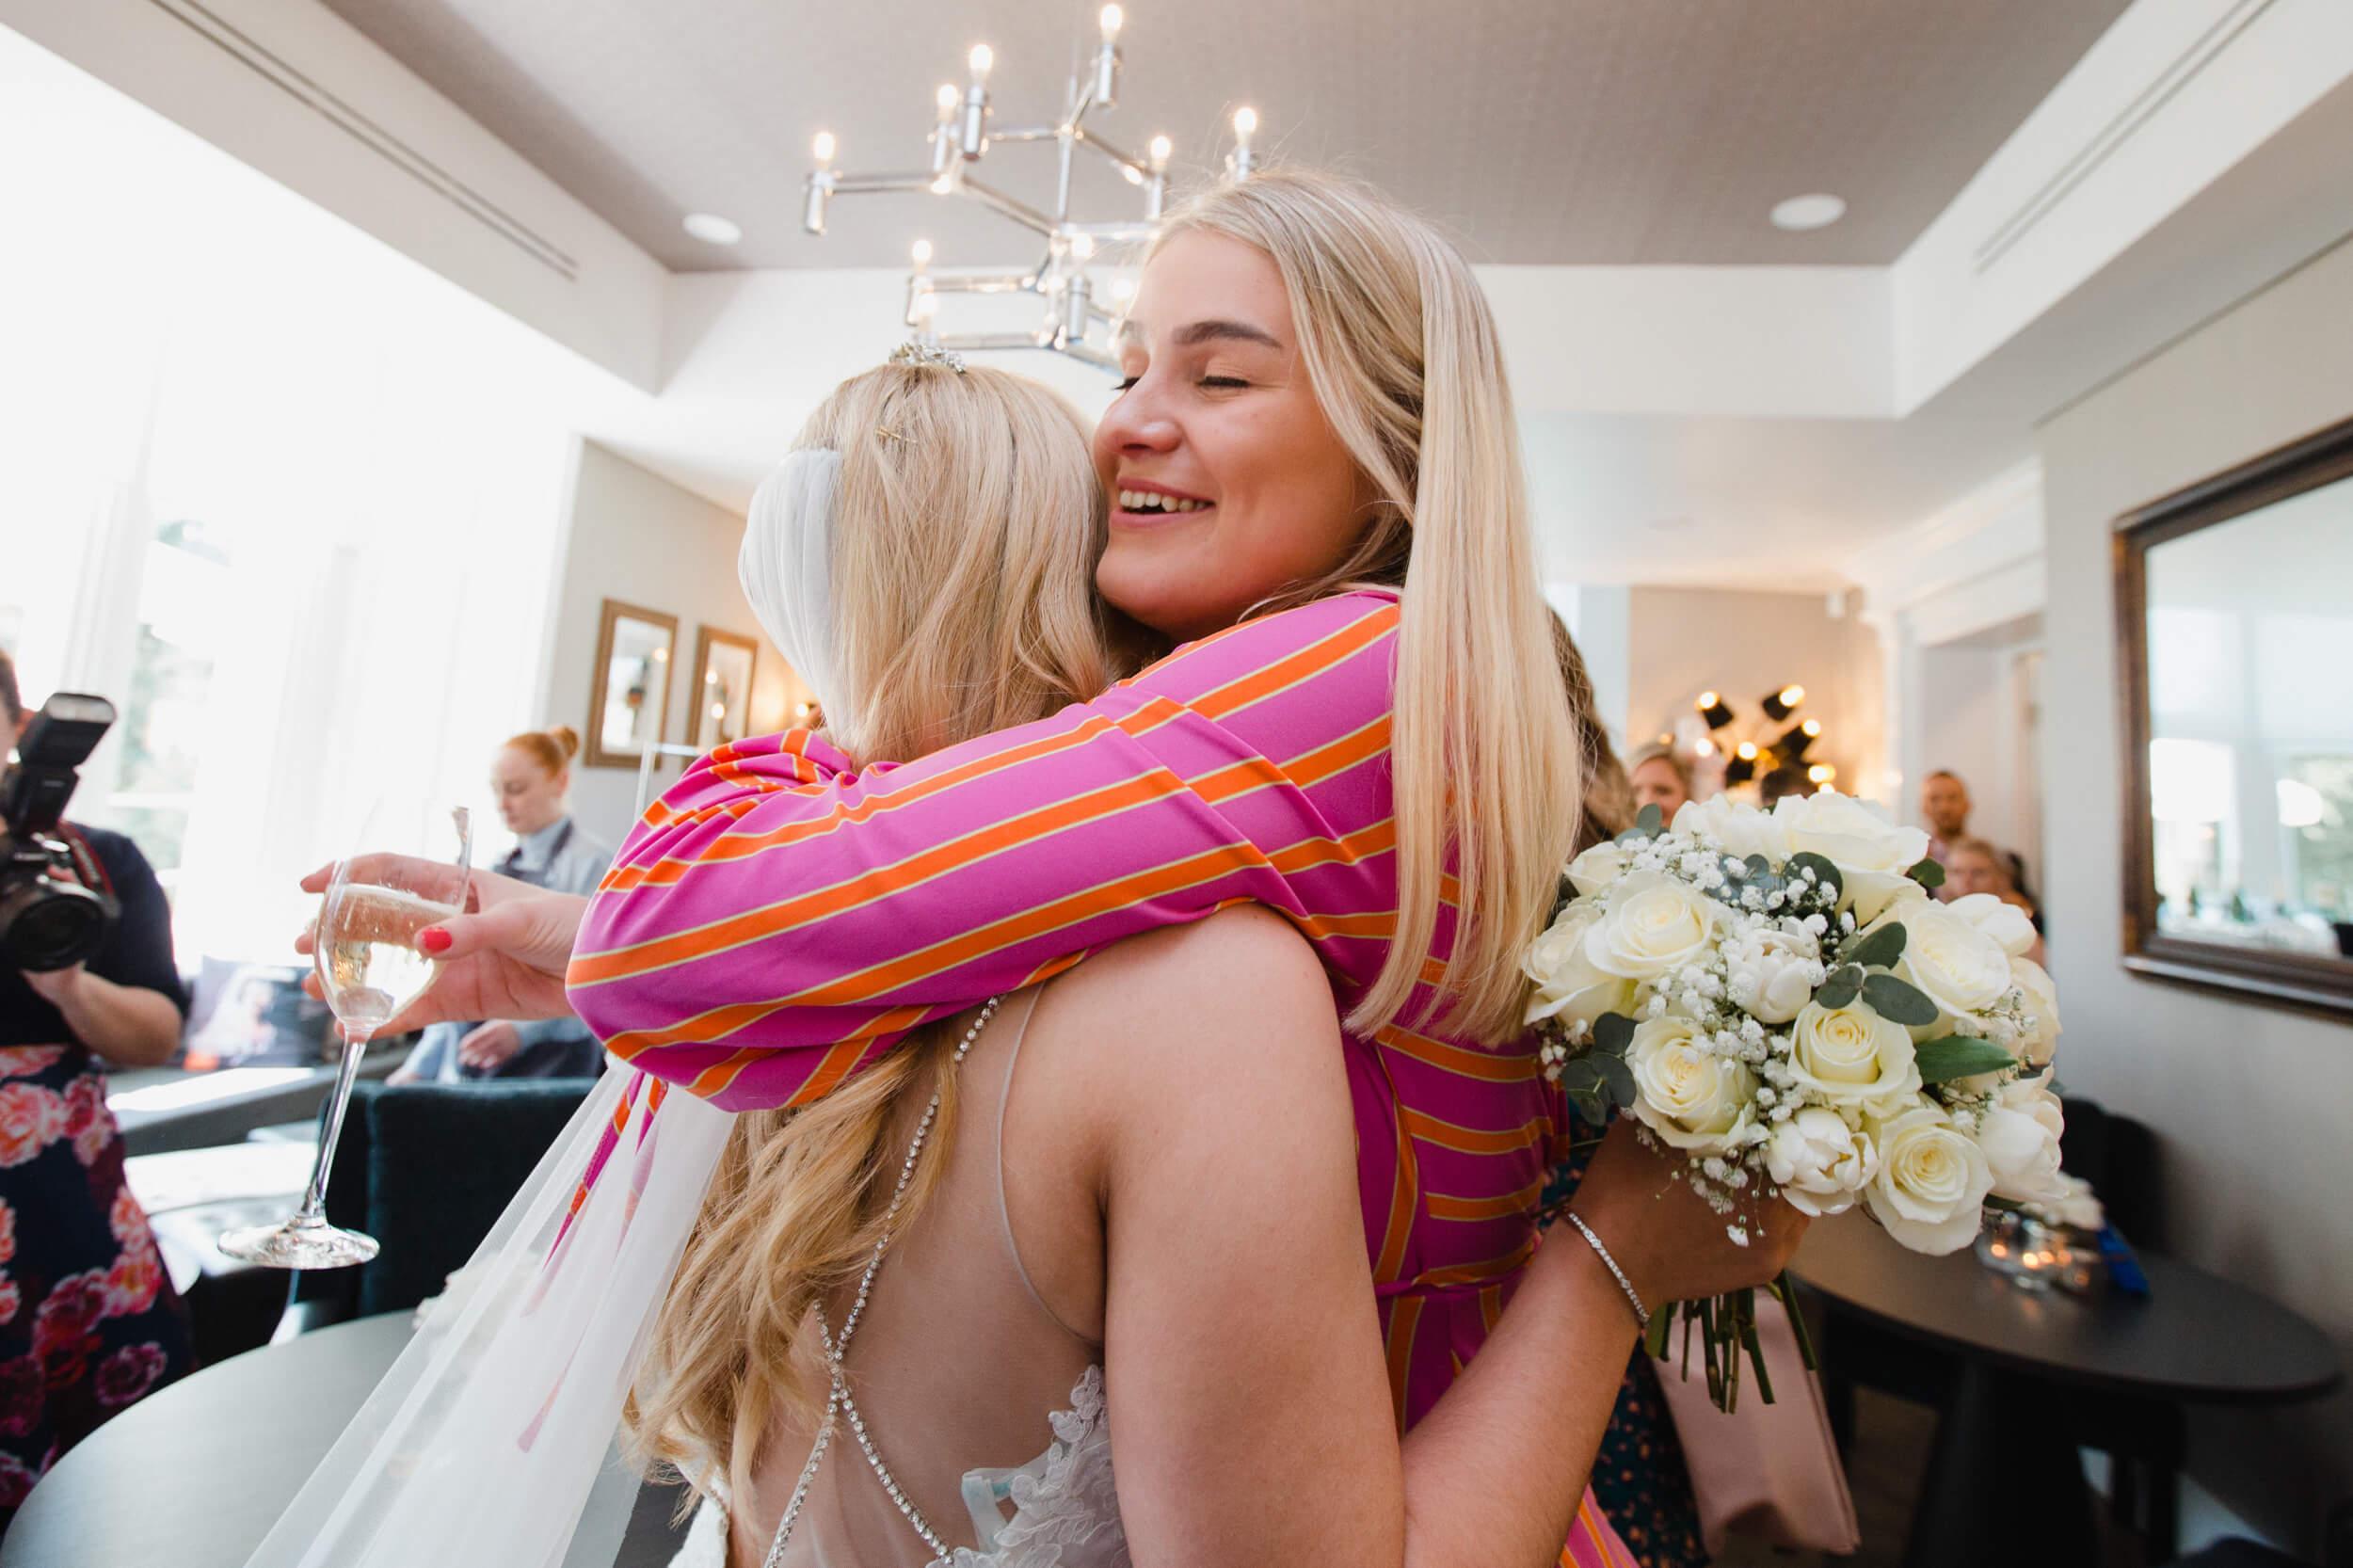 wedding guest hugs and congratulates bride